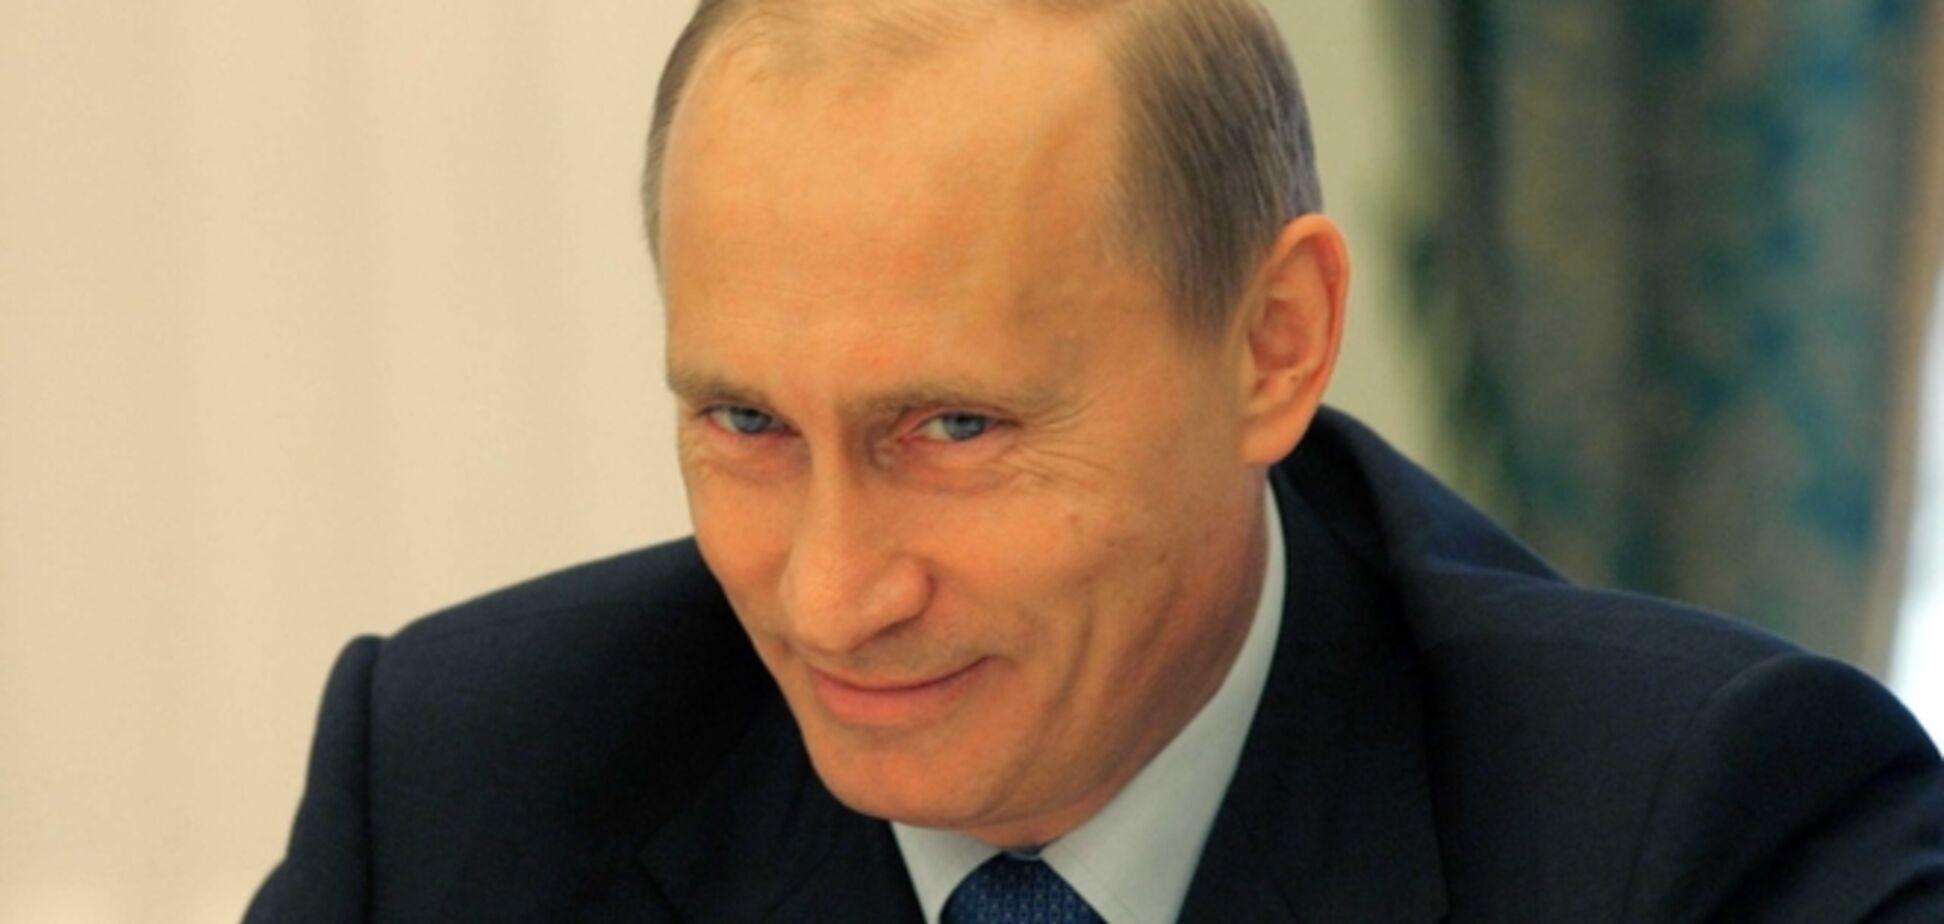 Парубий: путинский 'русский мир' не остановится в Украине, его цель - США и Европа